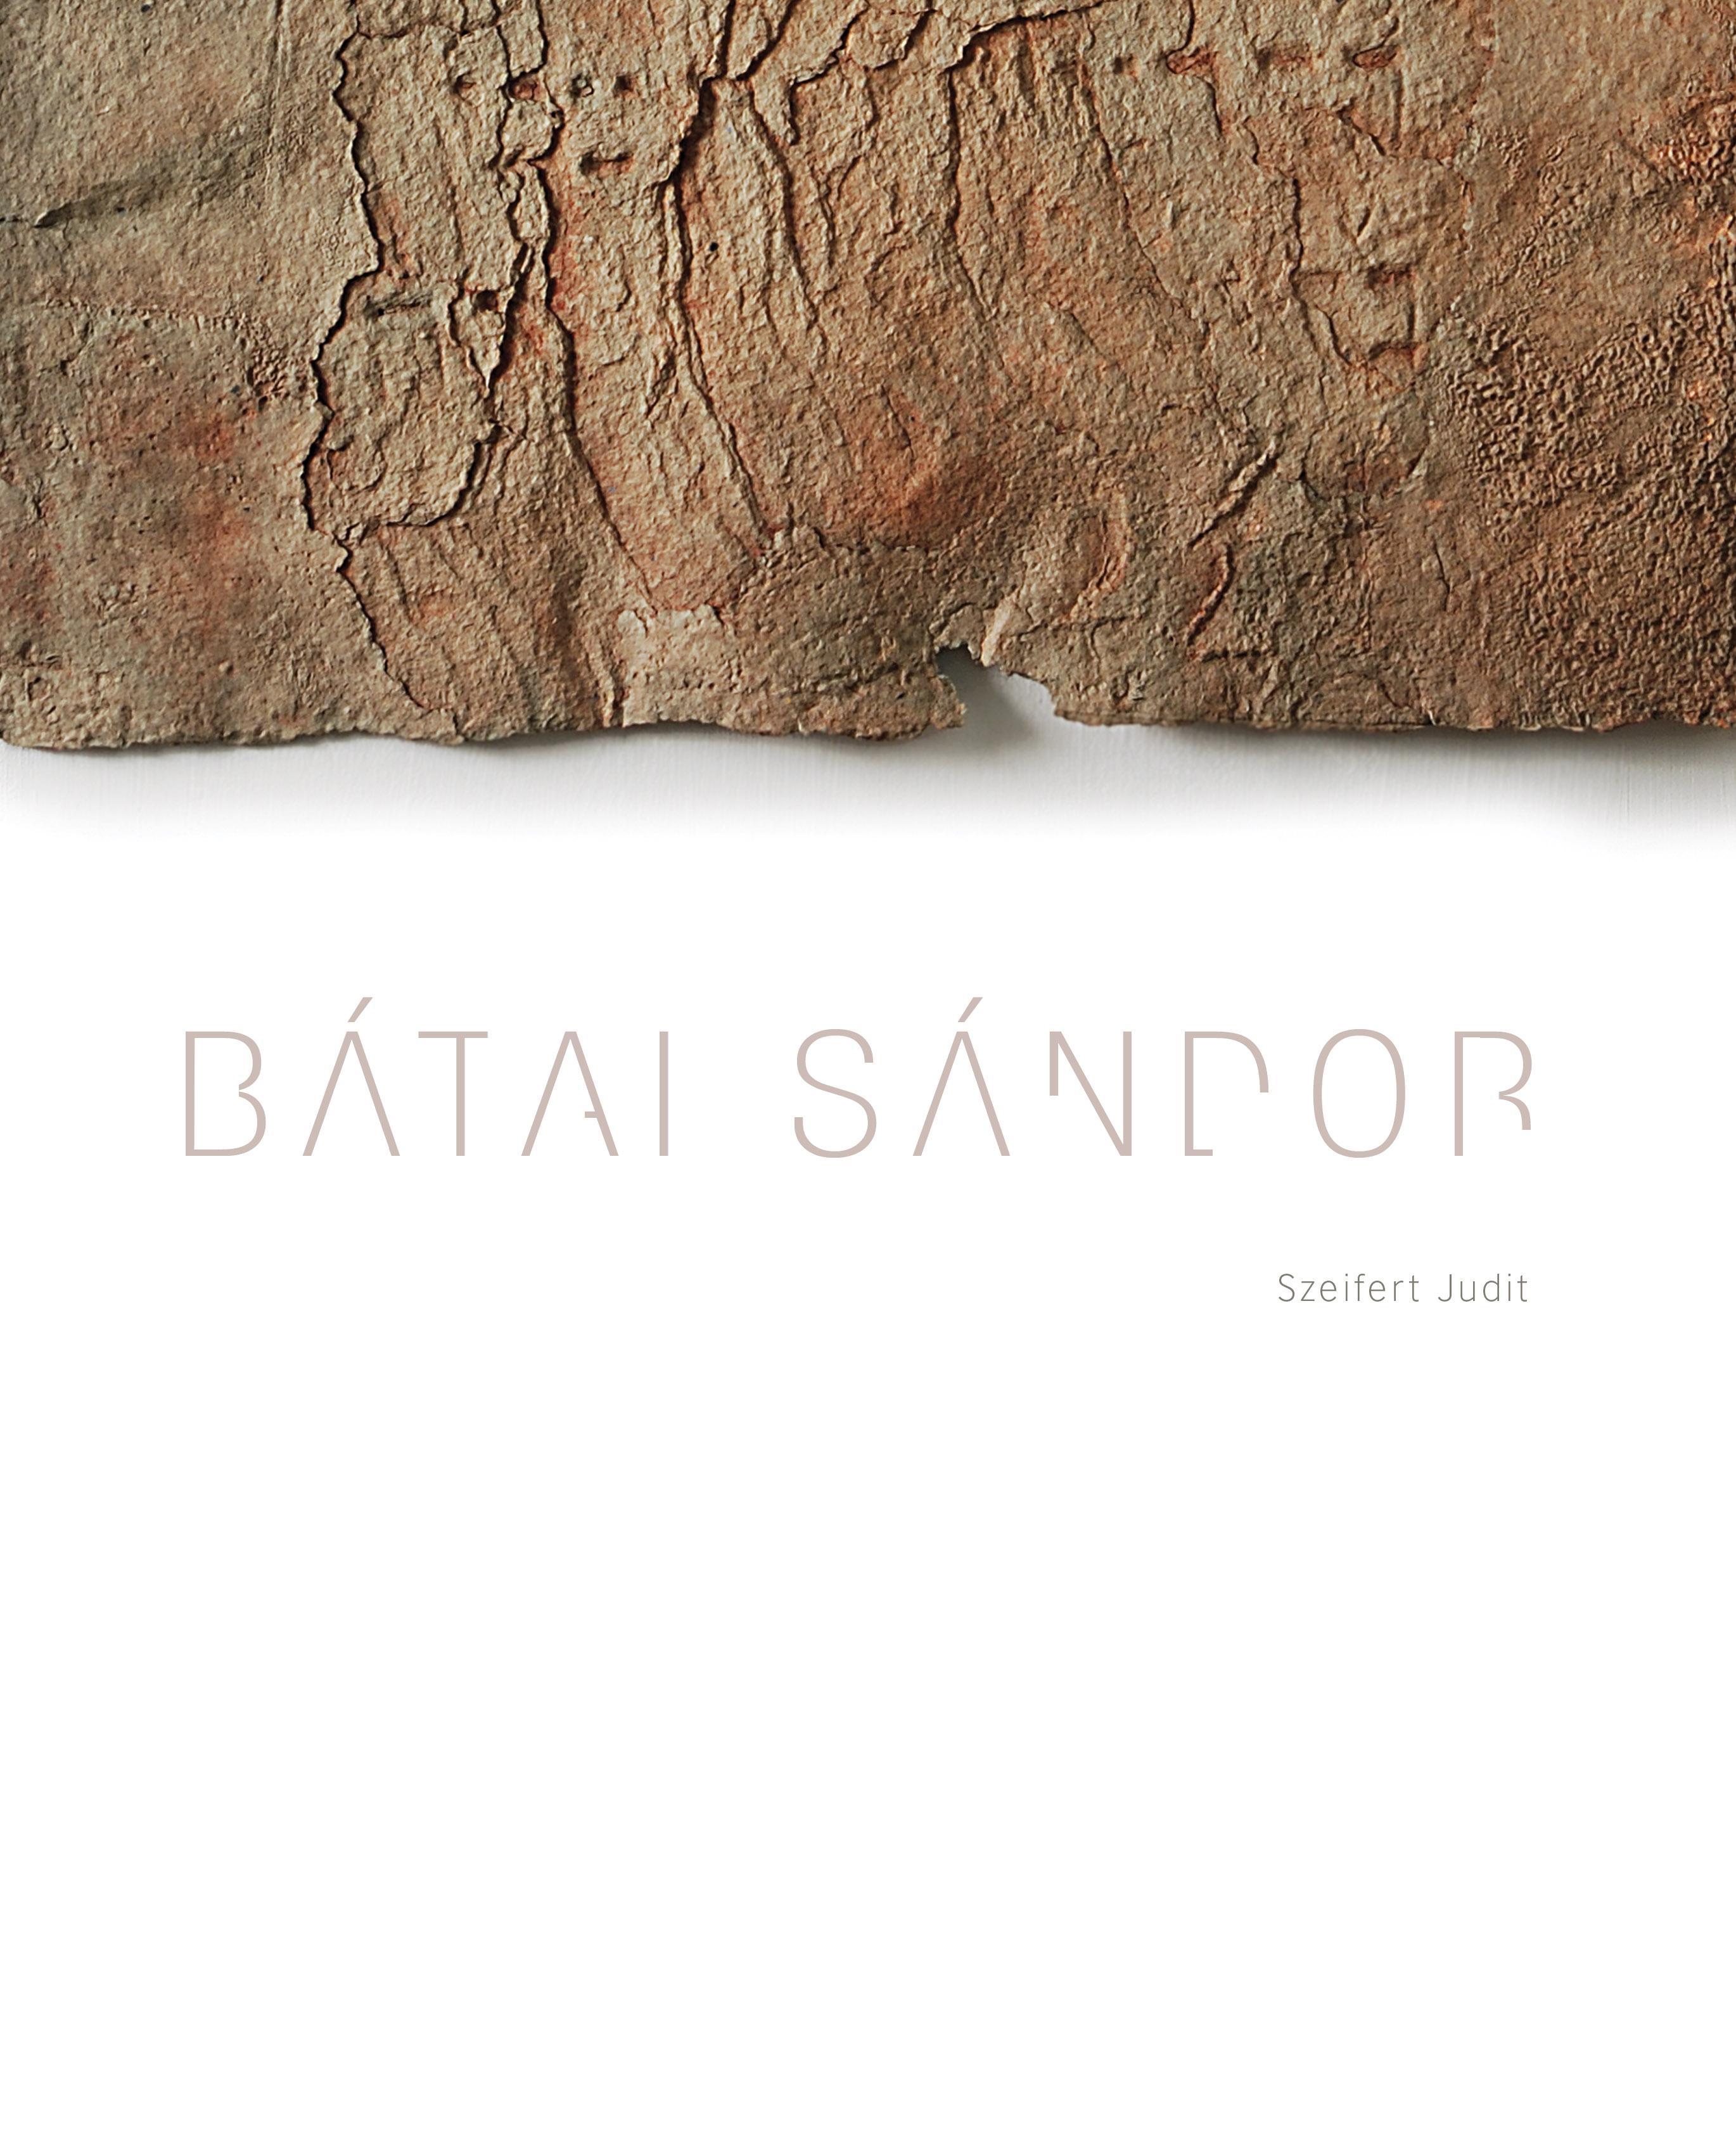 BÁTAI SÁNDOR (PENTIMENTO TEMPORIS) ALBUM